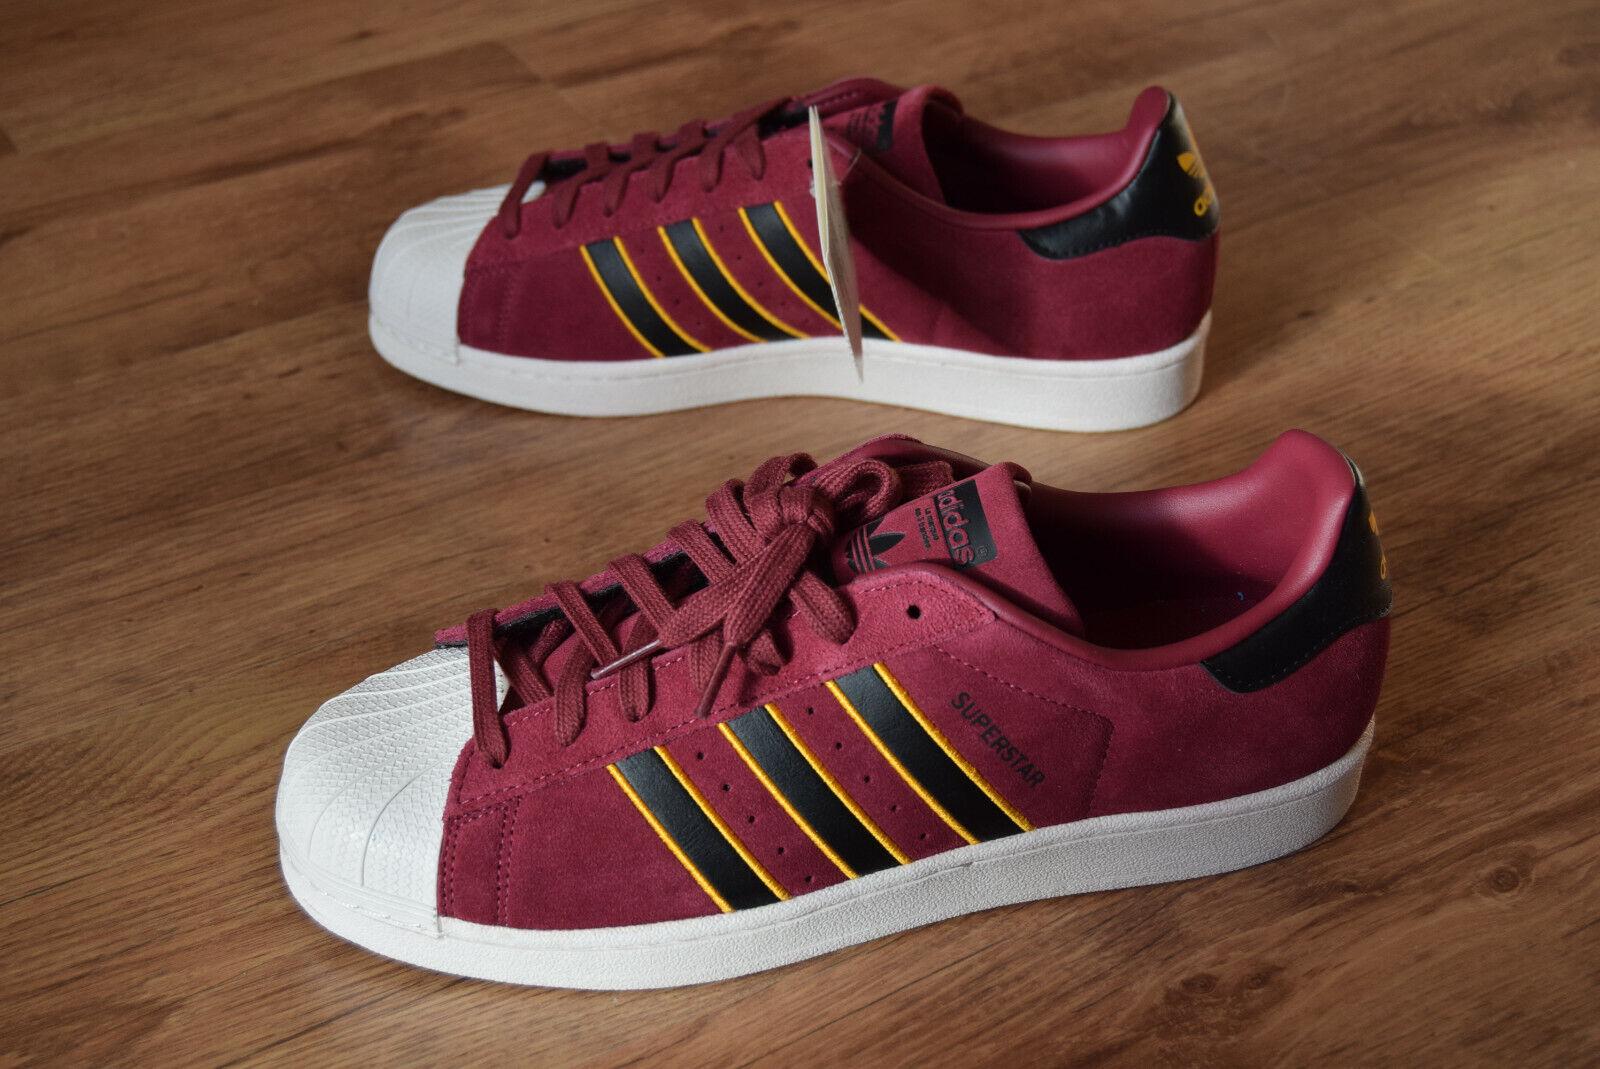 Adidas Superstar 36 37 38 39 40 41 42 43 44 45 46 cm8079 campus Stan Smith